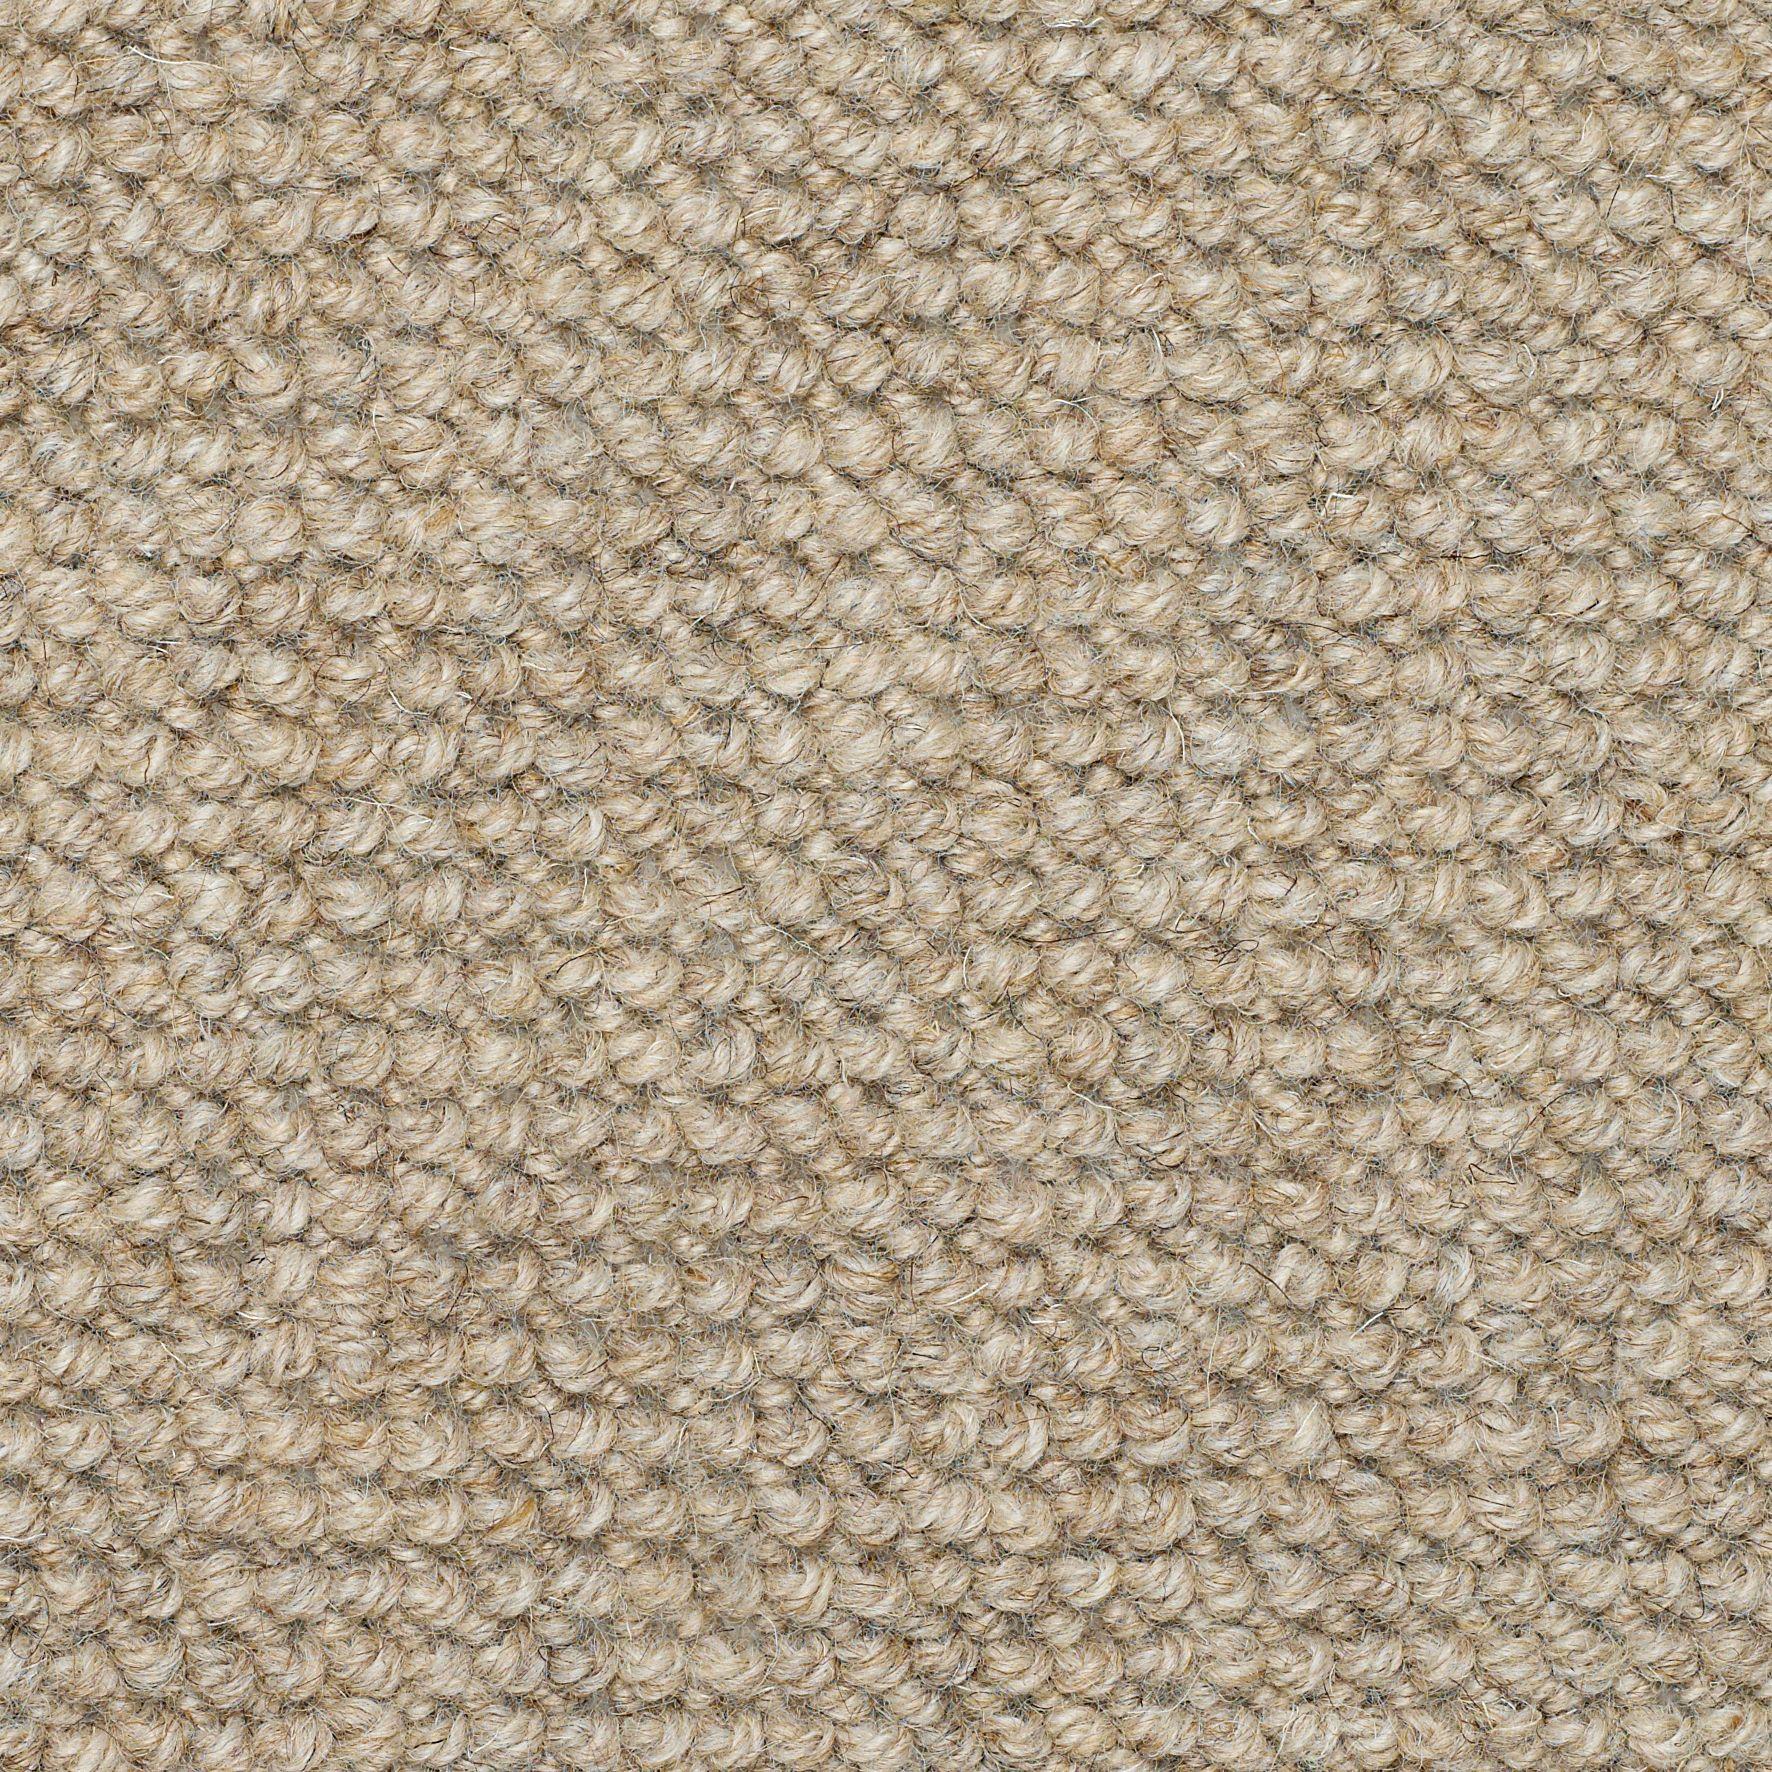 Buy John Lewis Rustic Braid 4 Ply Wool Loop Carpet